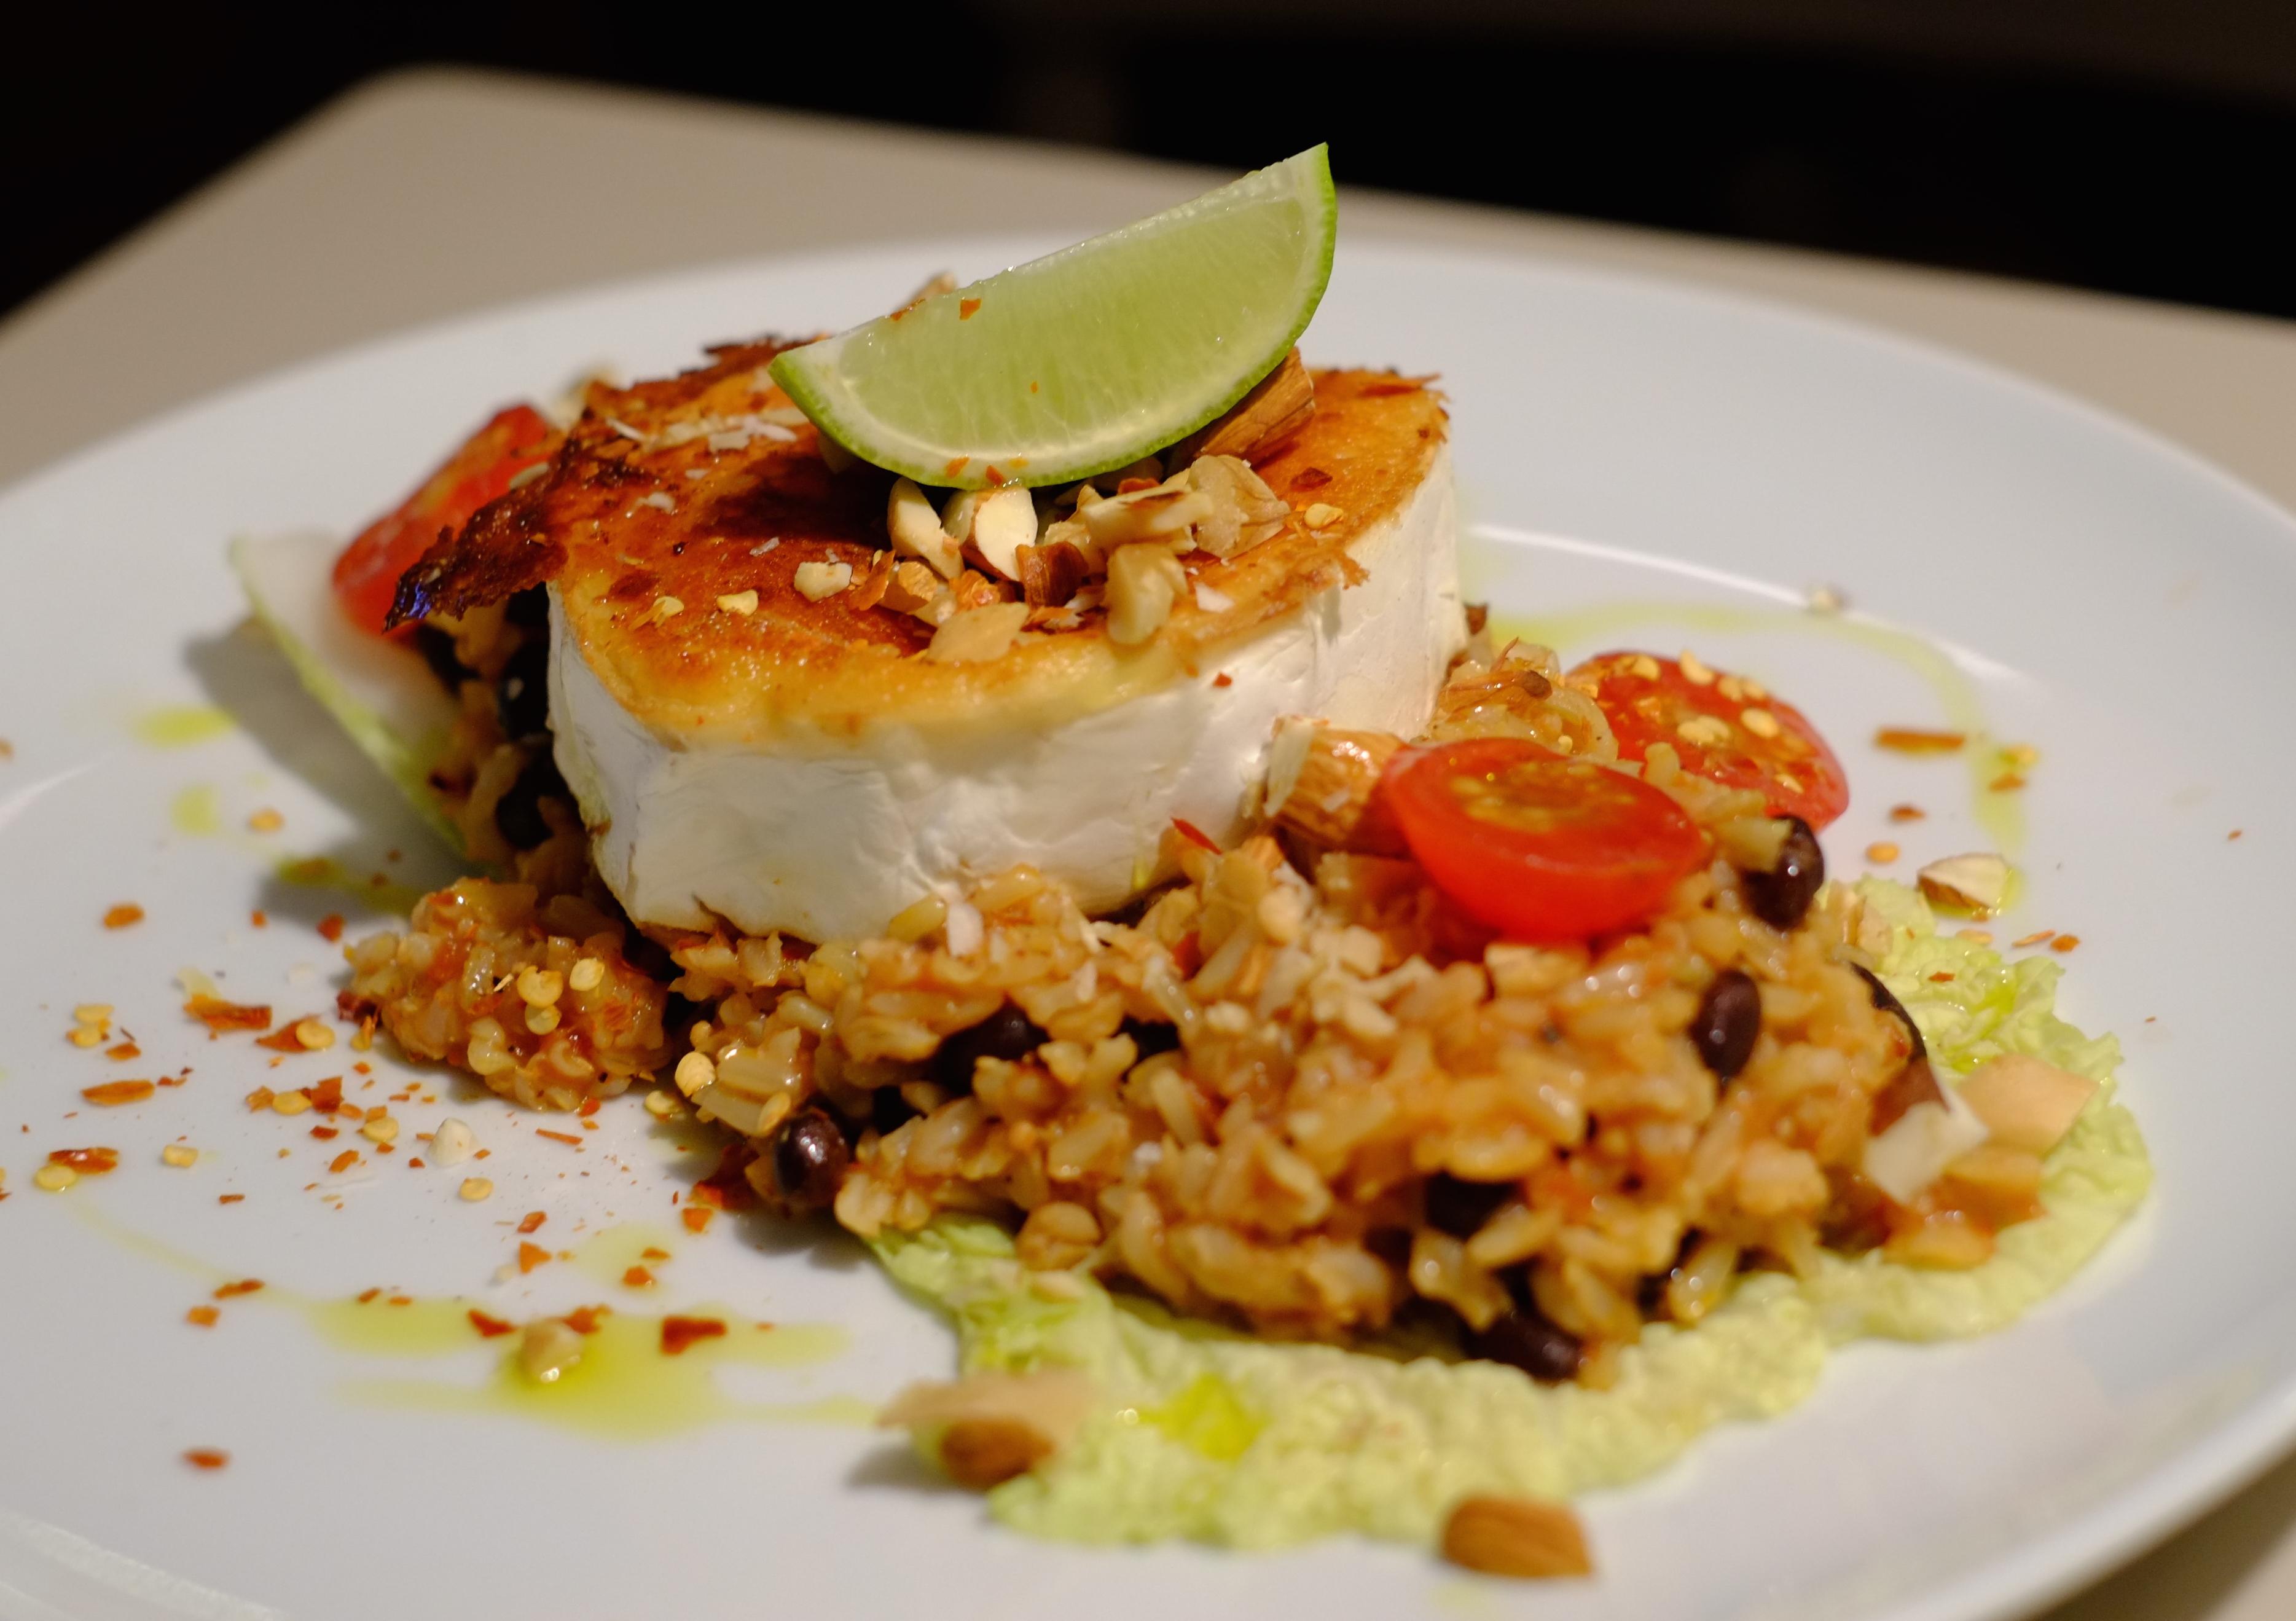 Ihanan mausteista paistettua vuohenjuustoa, dirty rice ja pähkinää. Kuva: Emmi Harju